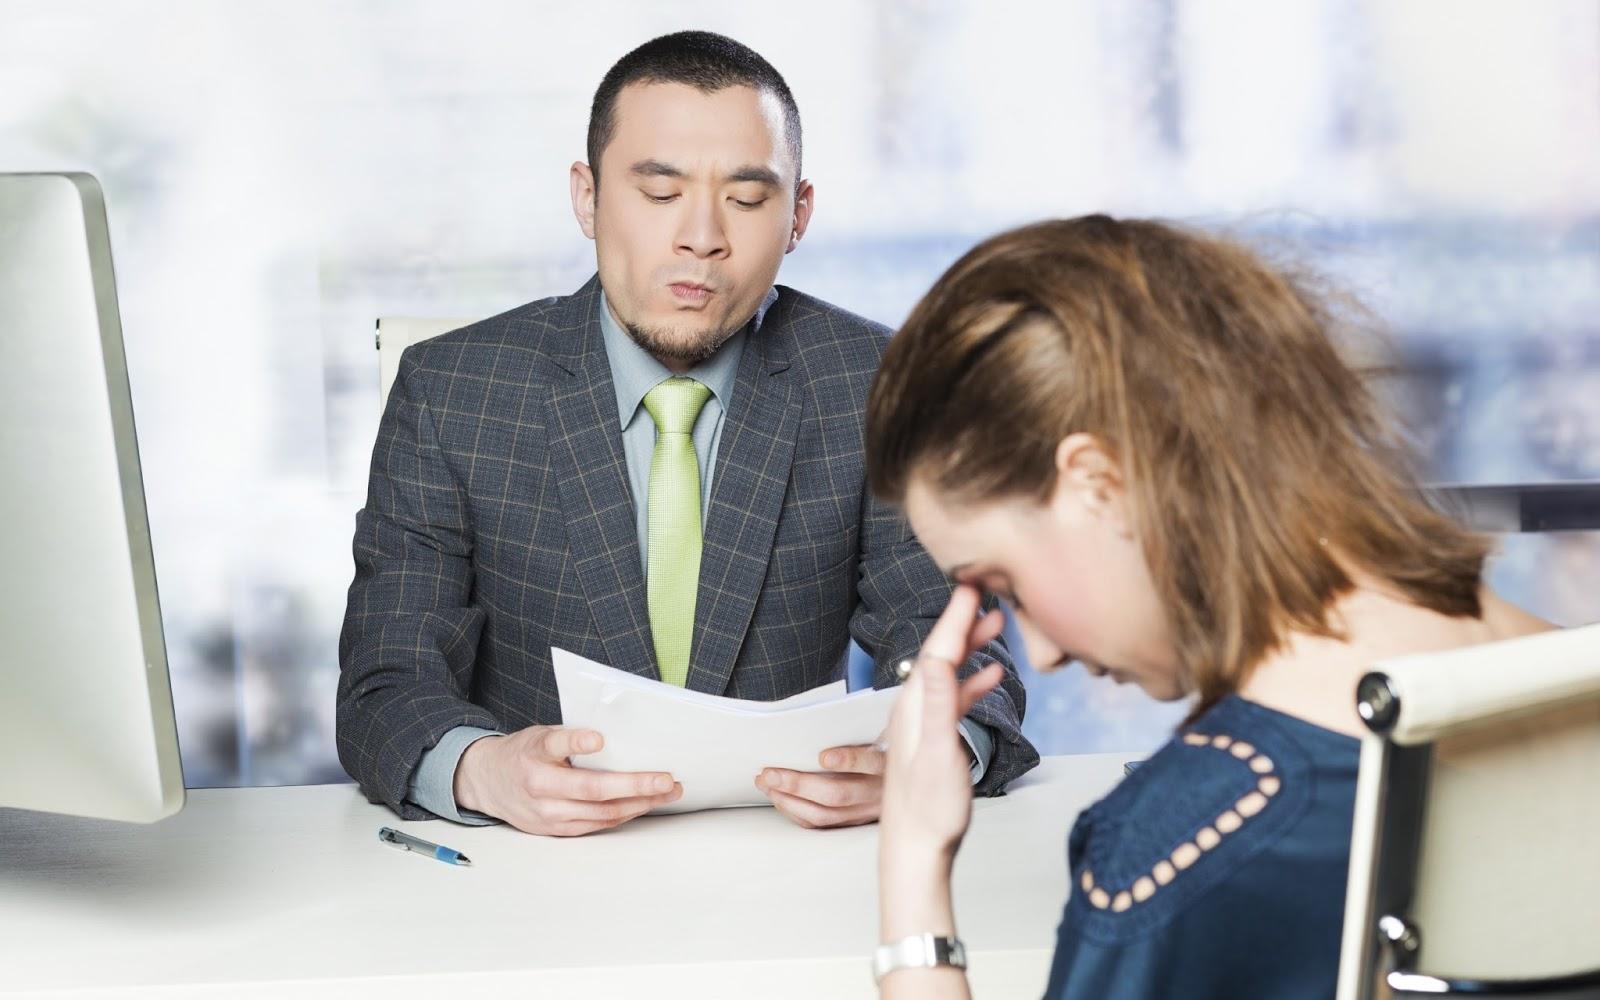 Top 54 câu hỏi phỏng vấn thường gặp và cách trả lời phỏng vấn hay nhất -  Phần 2